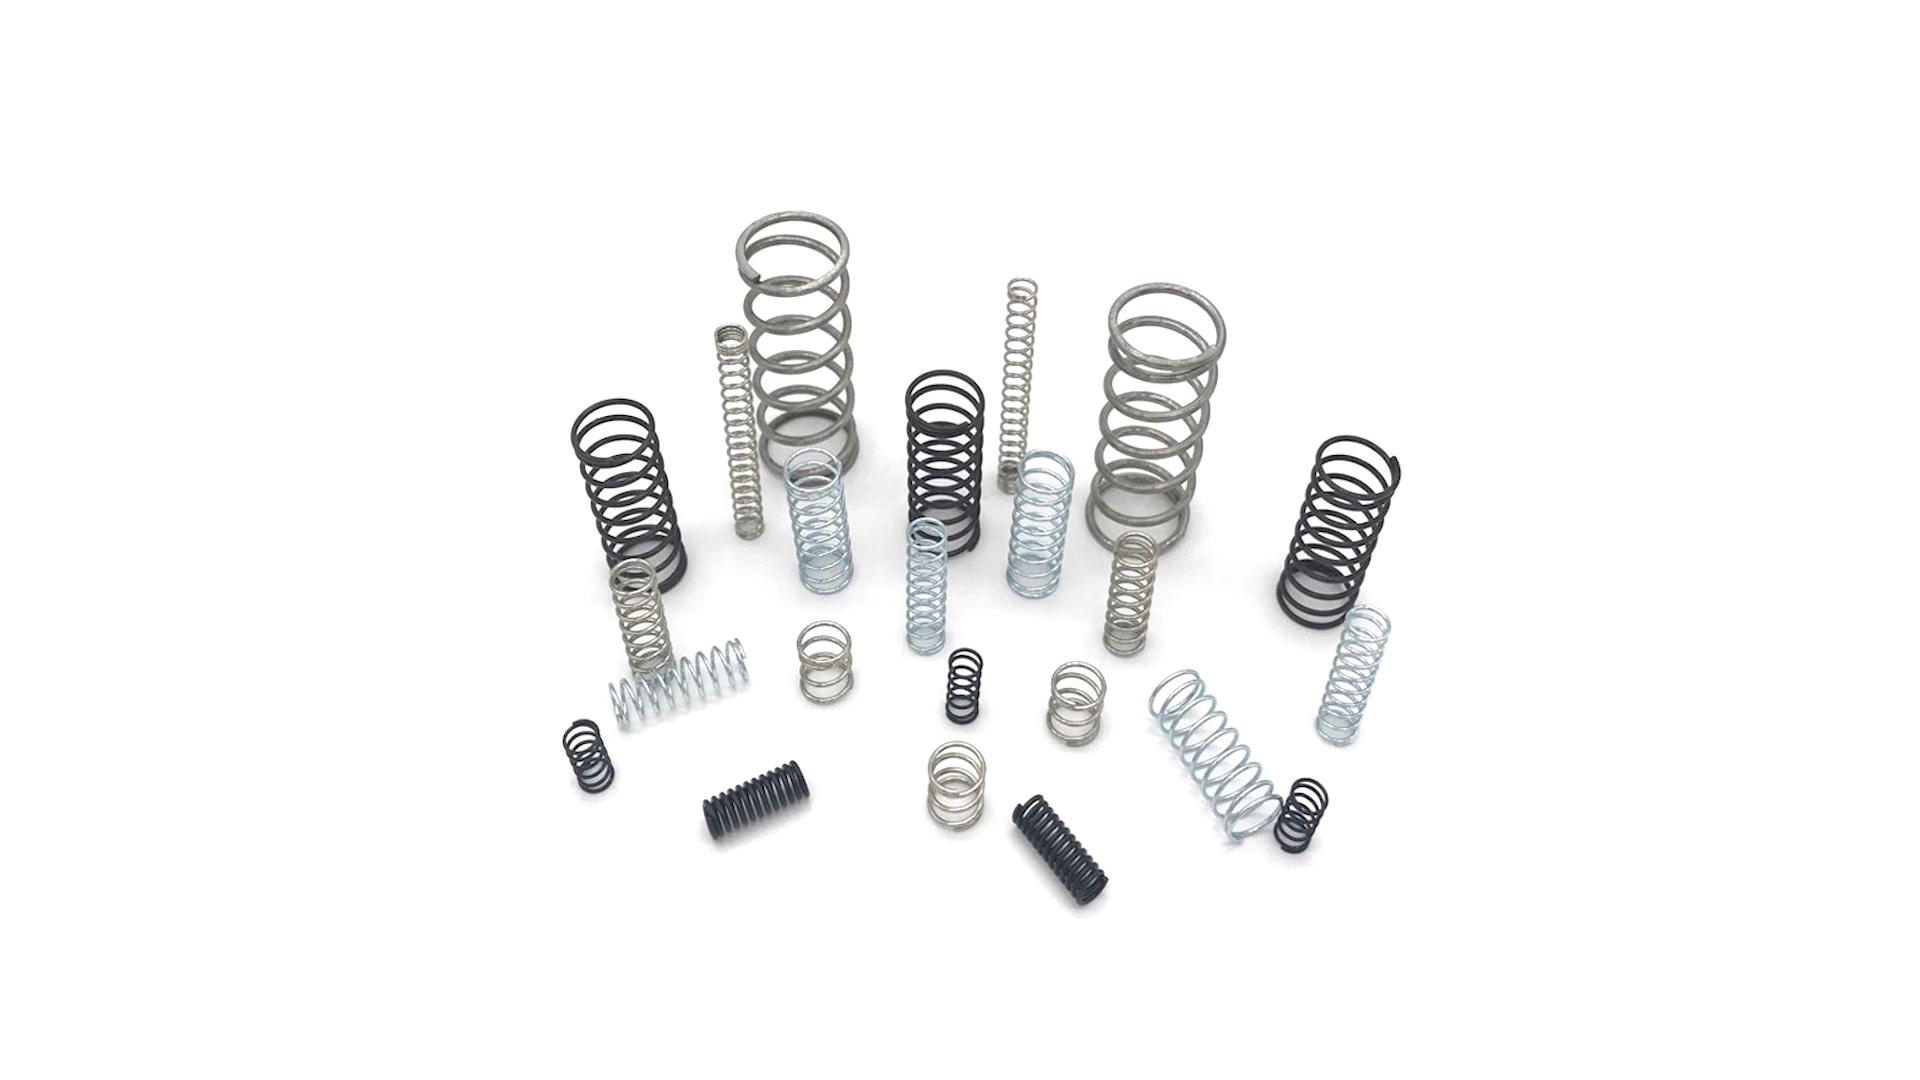 Ressort de Compression en acier, professionnel, personnalisé, toutes sortes de matériau en acier